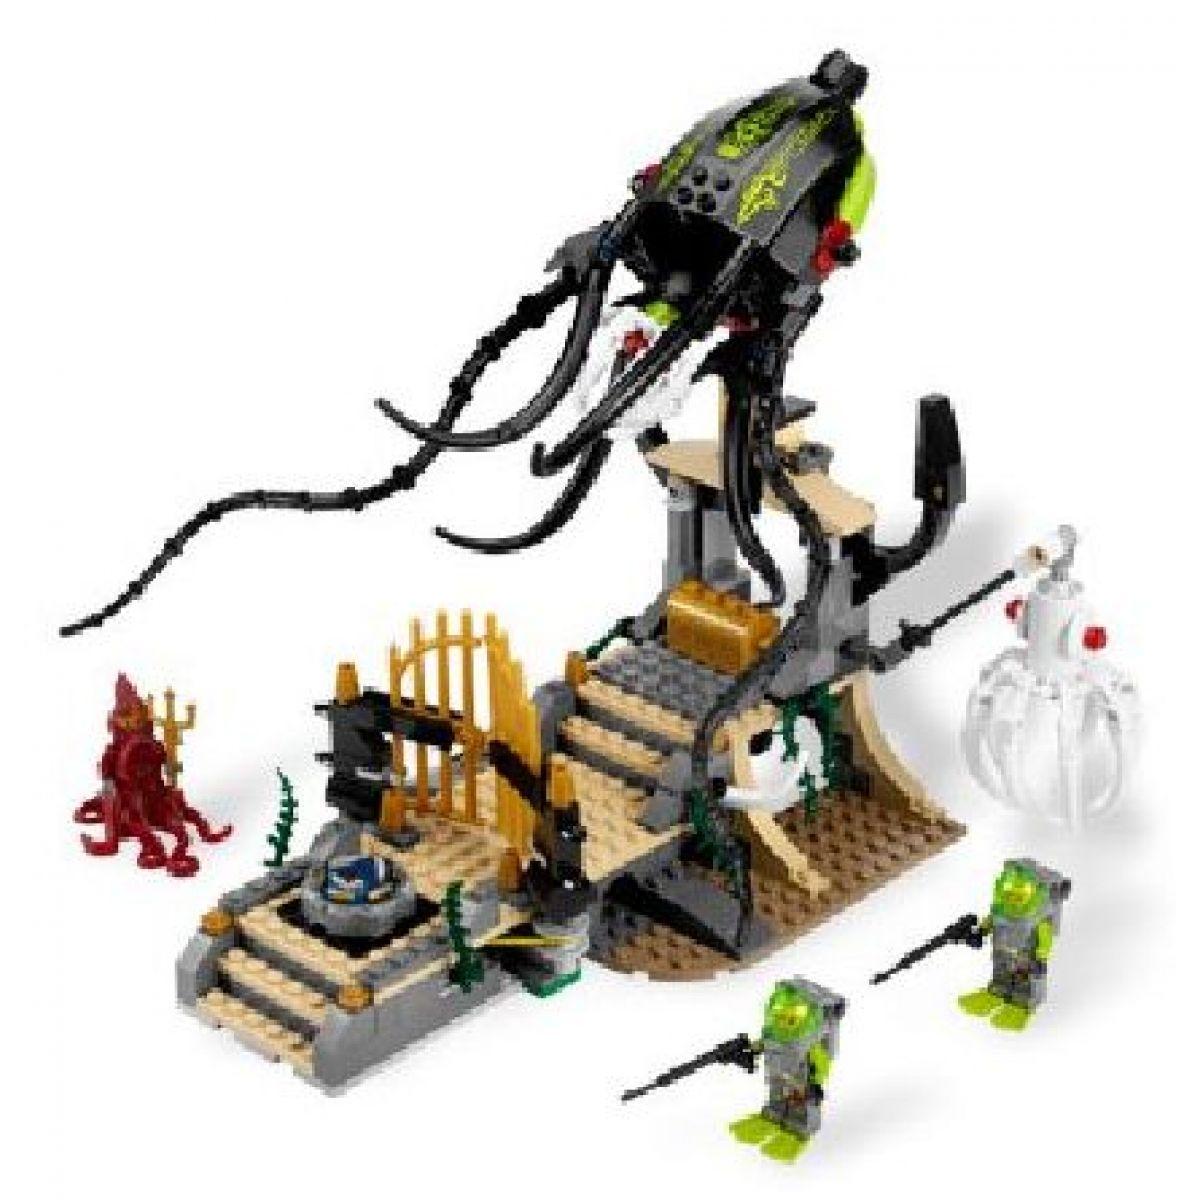 LEGO Atlantis 8061 Oliheň střeží bránu #6